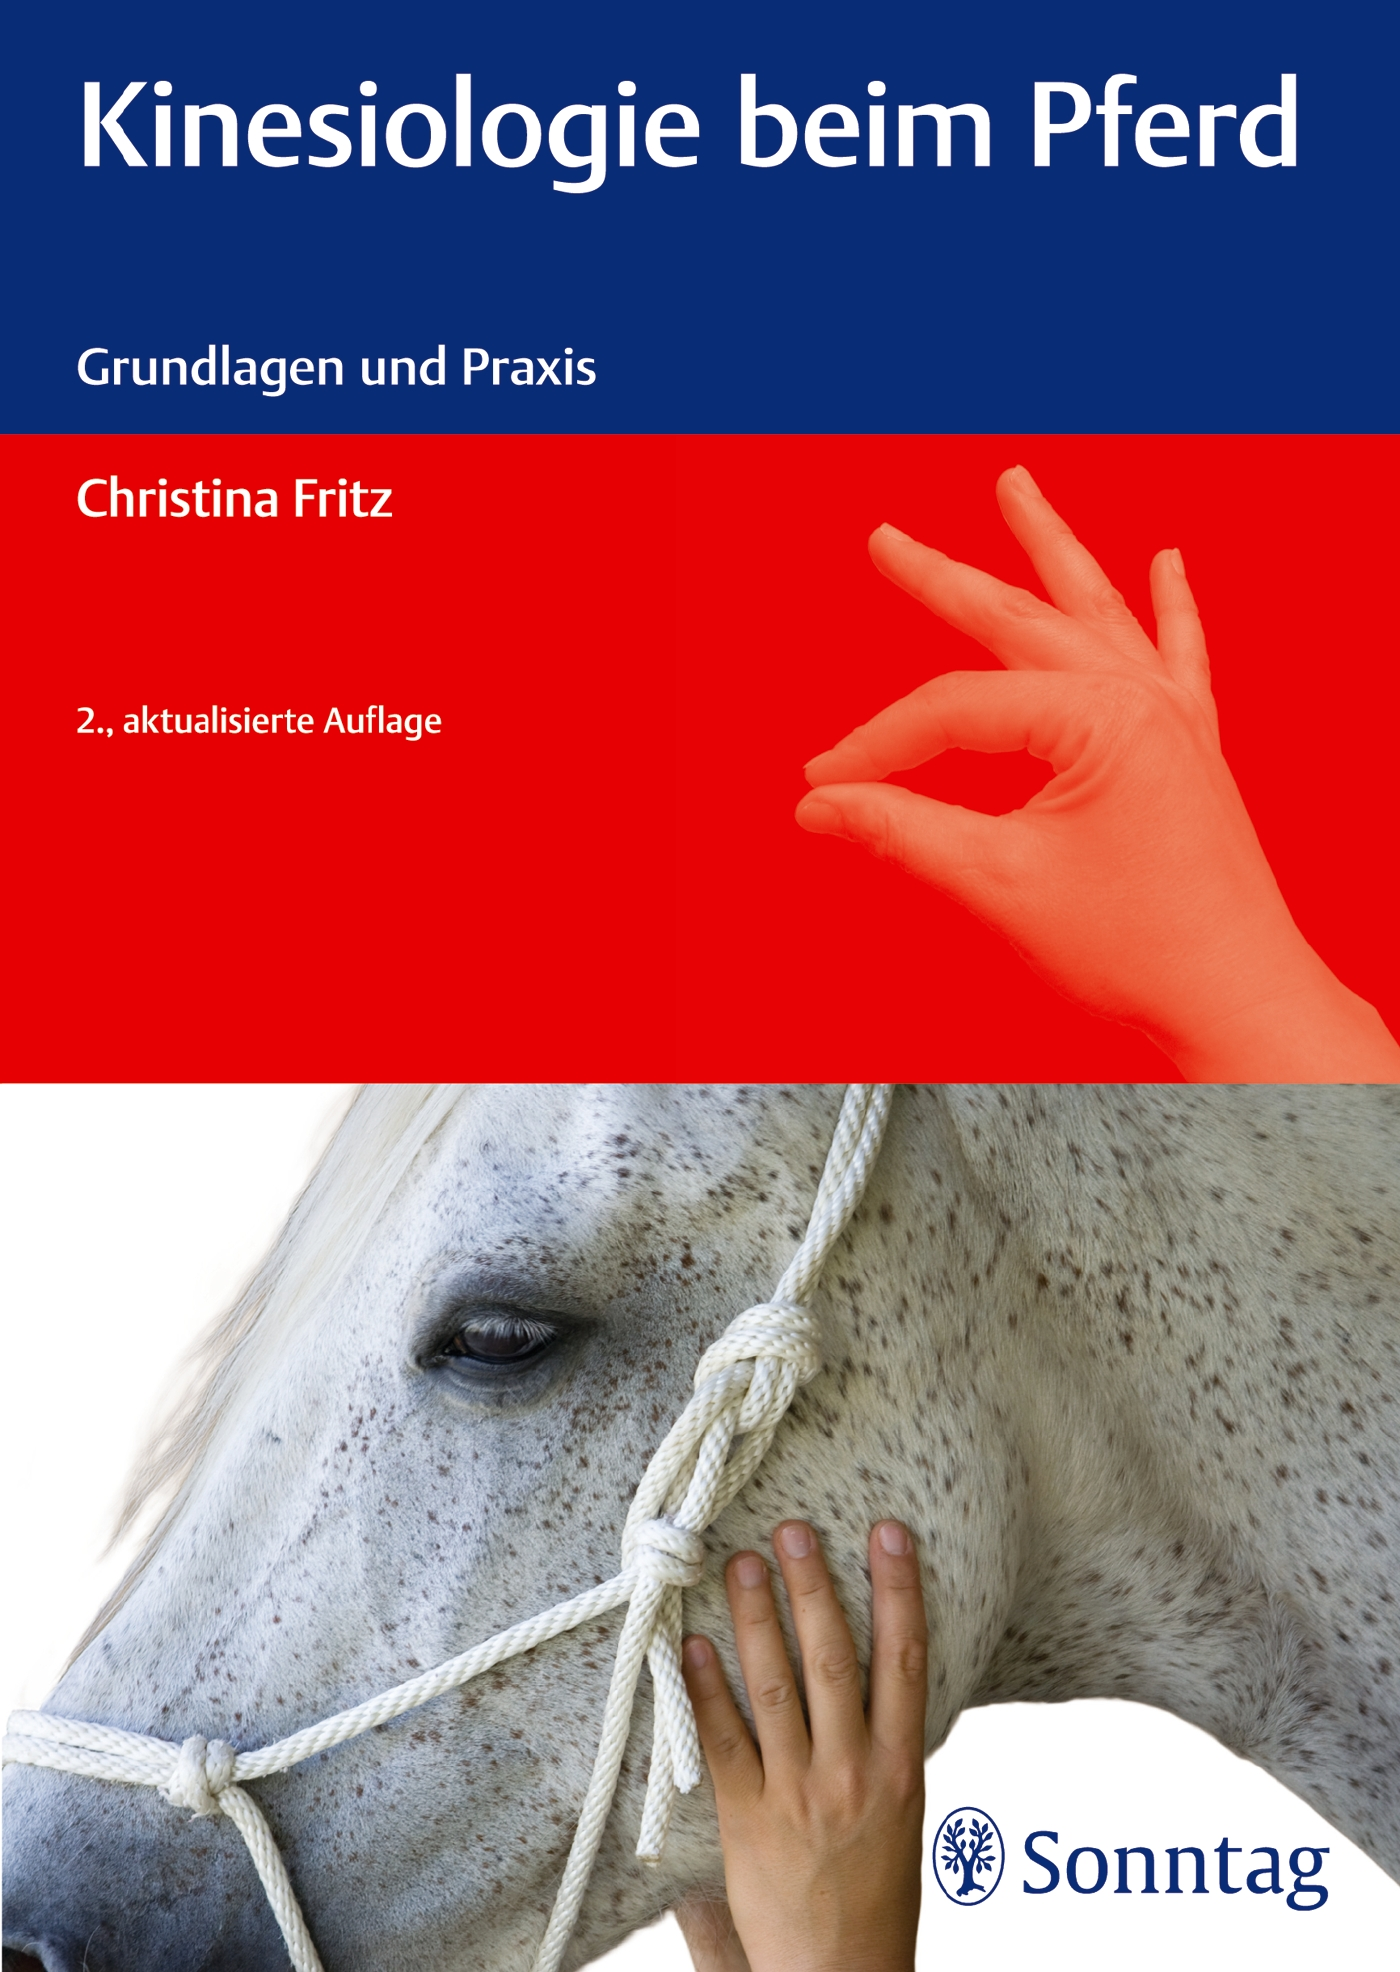 Kinesiologie beim Pferd